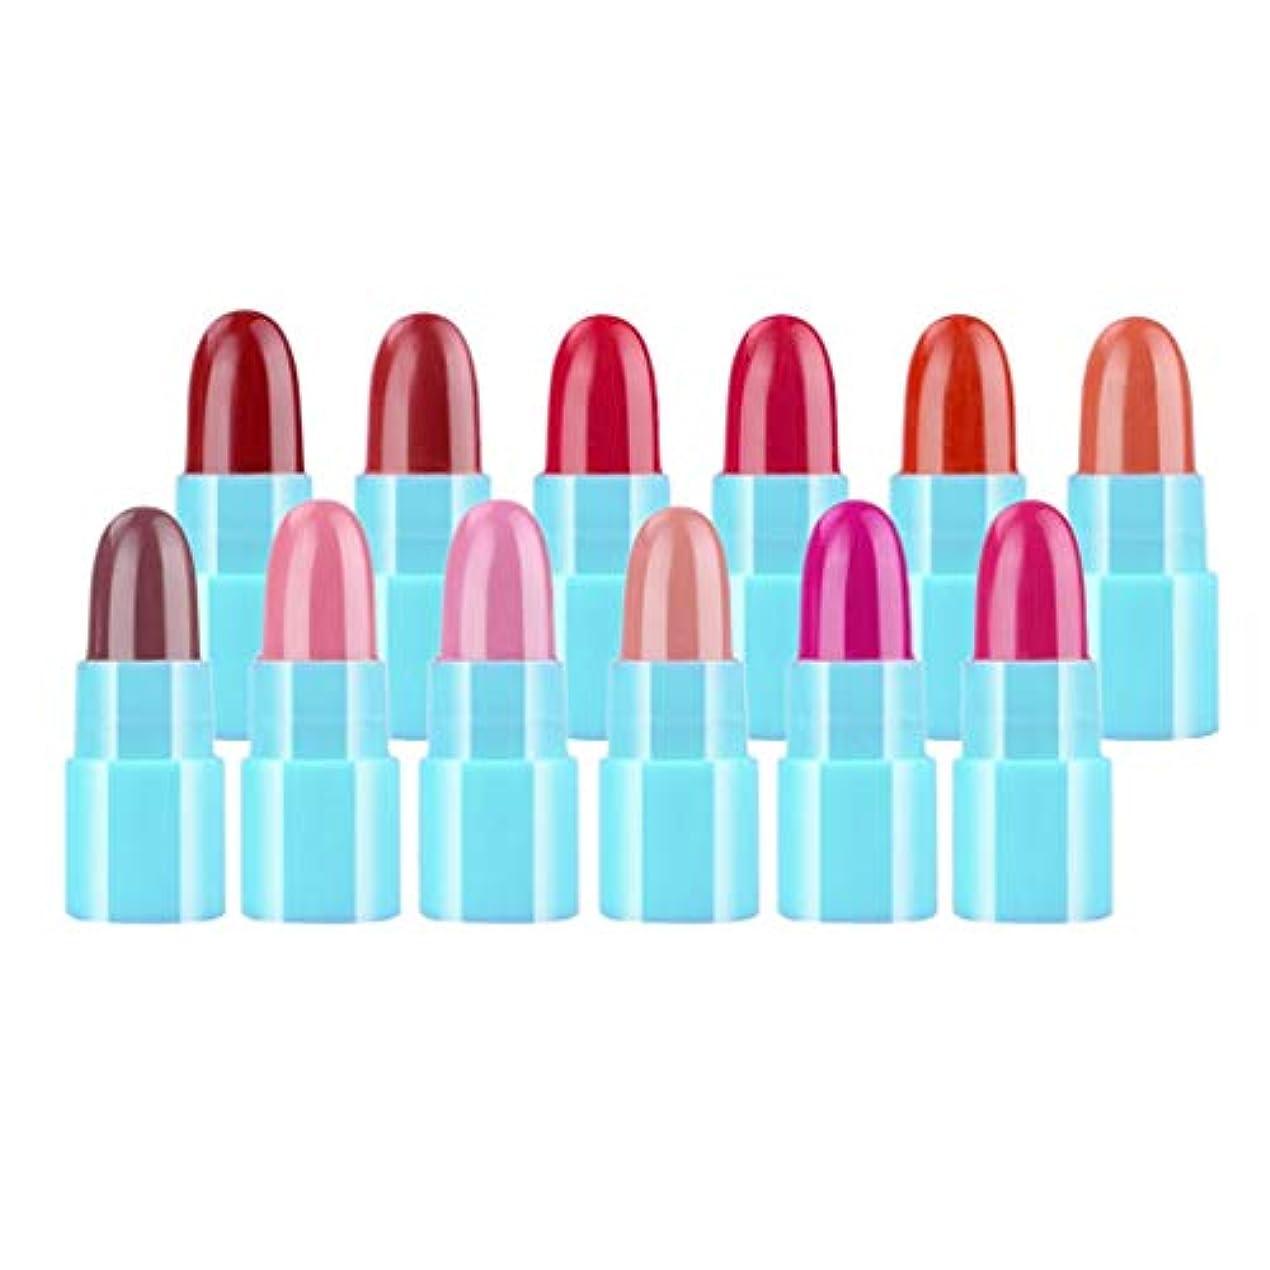 リサイクルする理想的にはセメントKESOTO 12色 リップスティック 口紅 ミニ 保湿  滑らかな唇